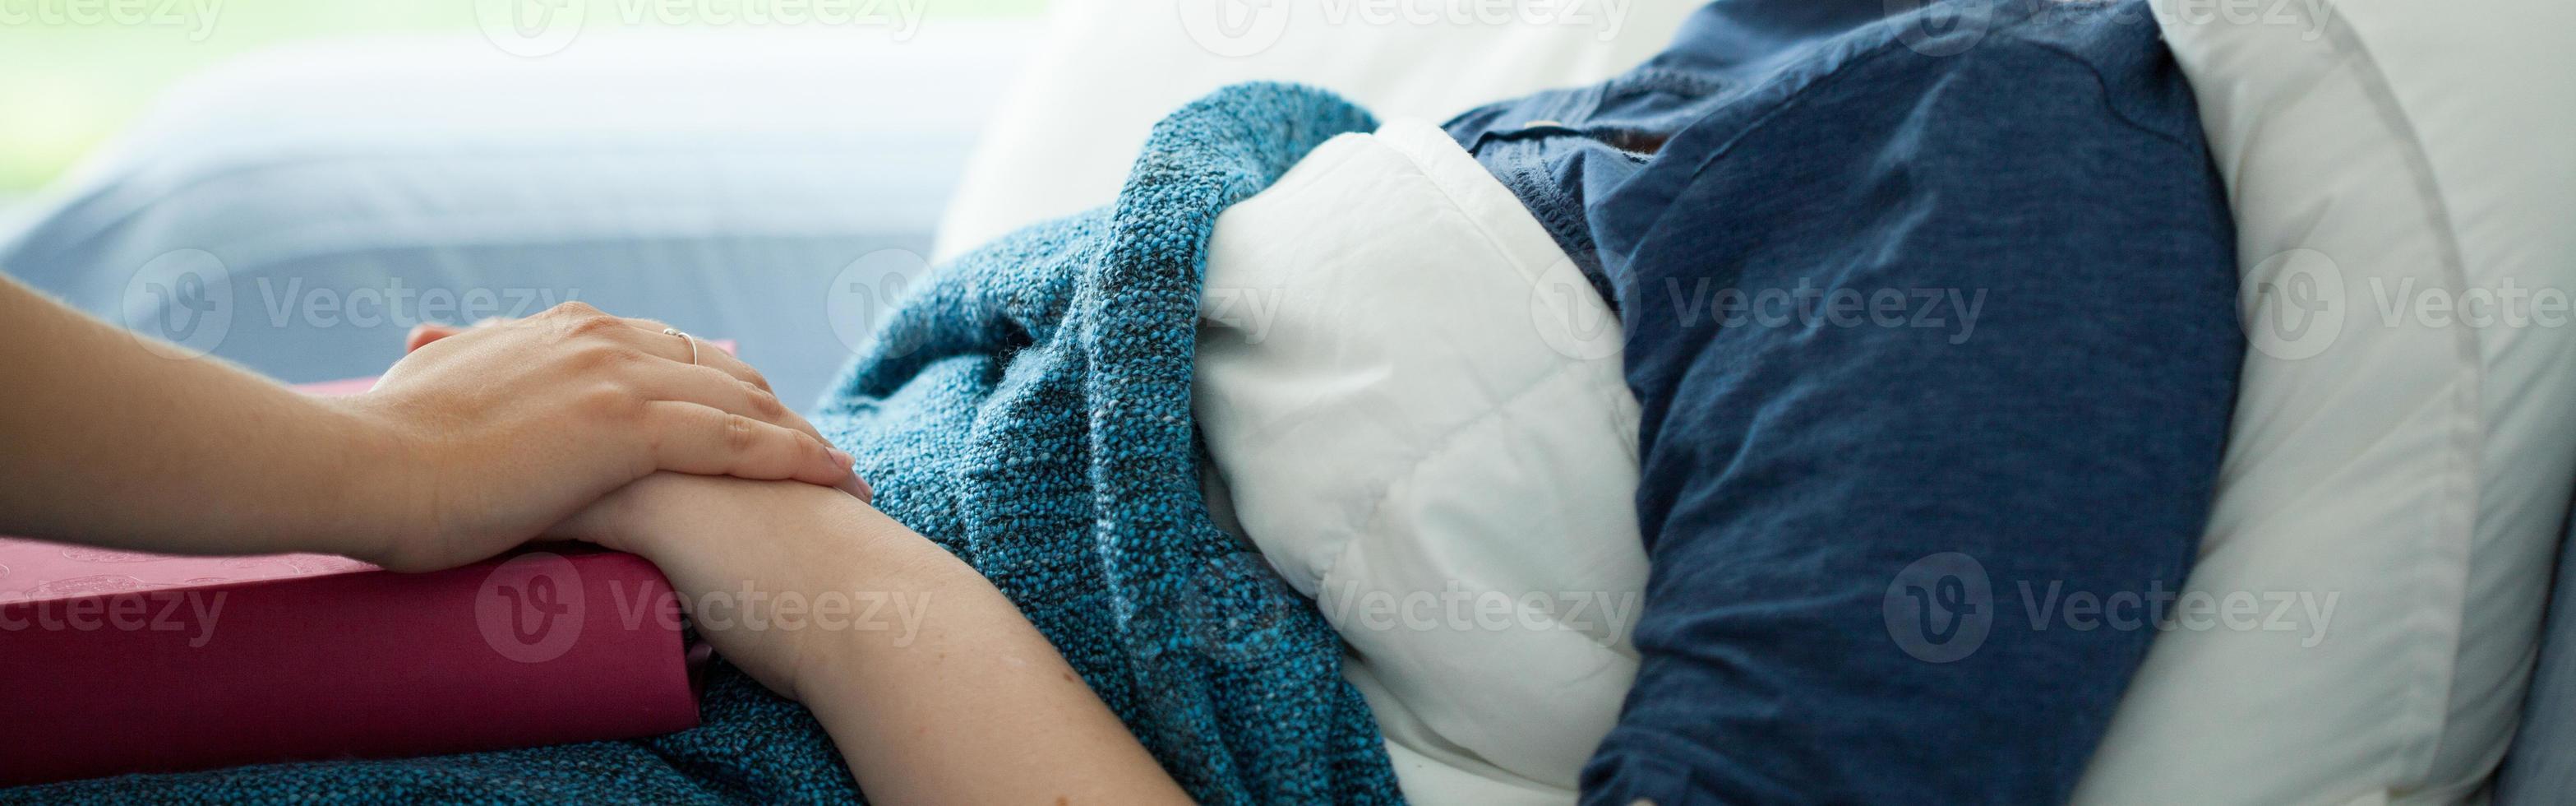 vrouw liggend in bed wordt handheld door een andere persoon foto